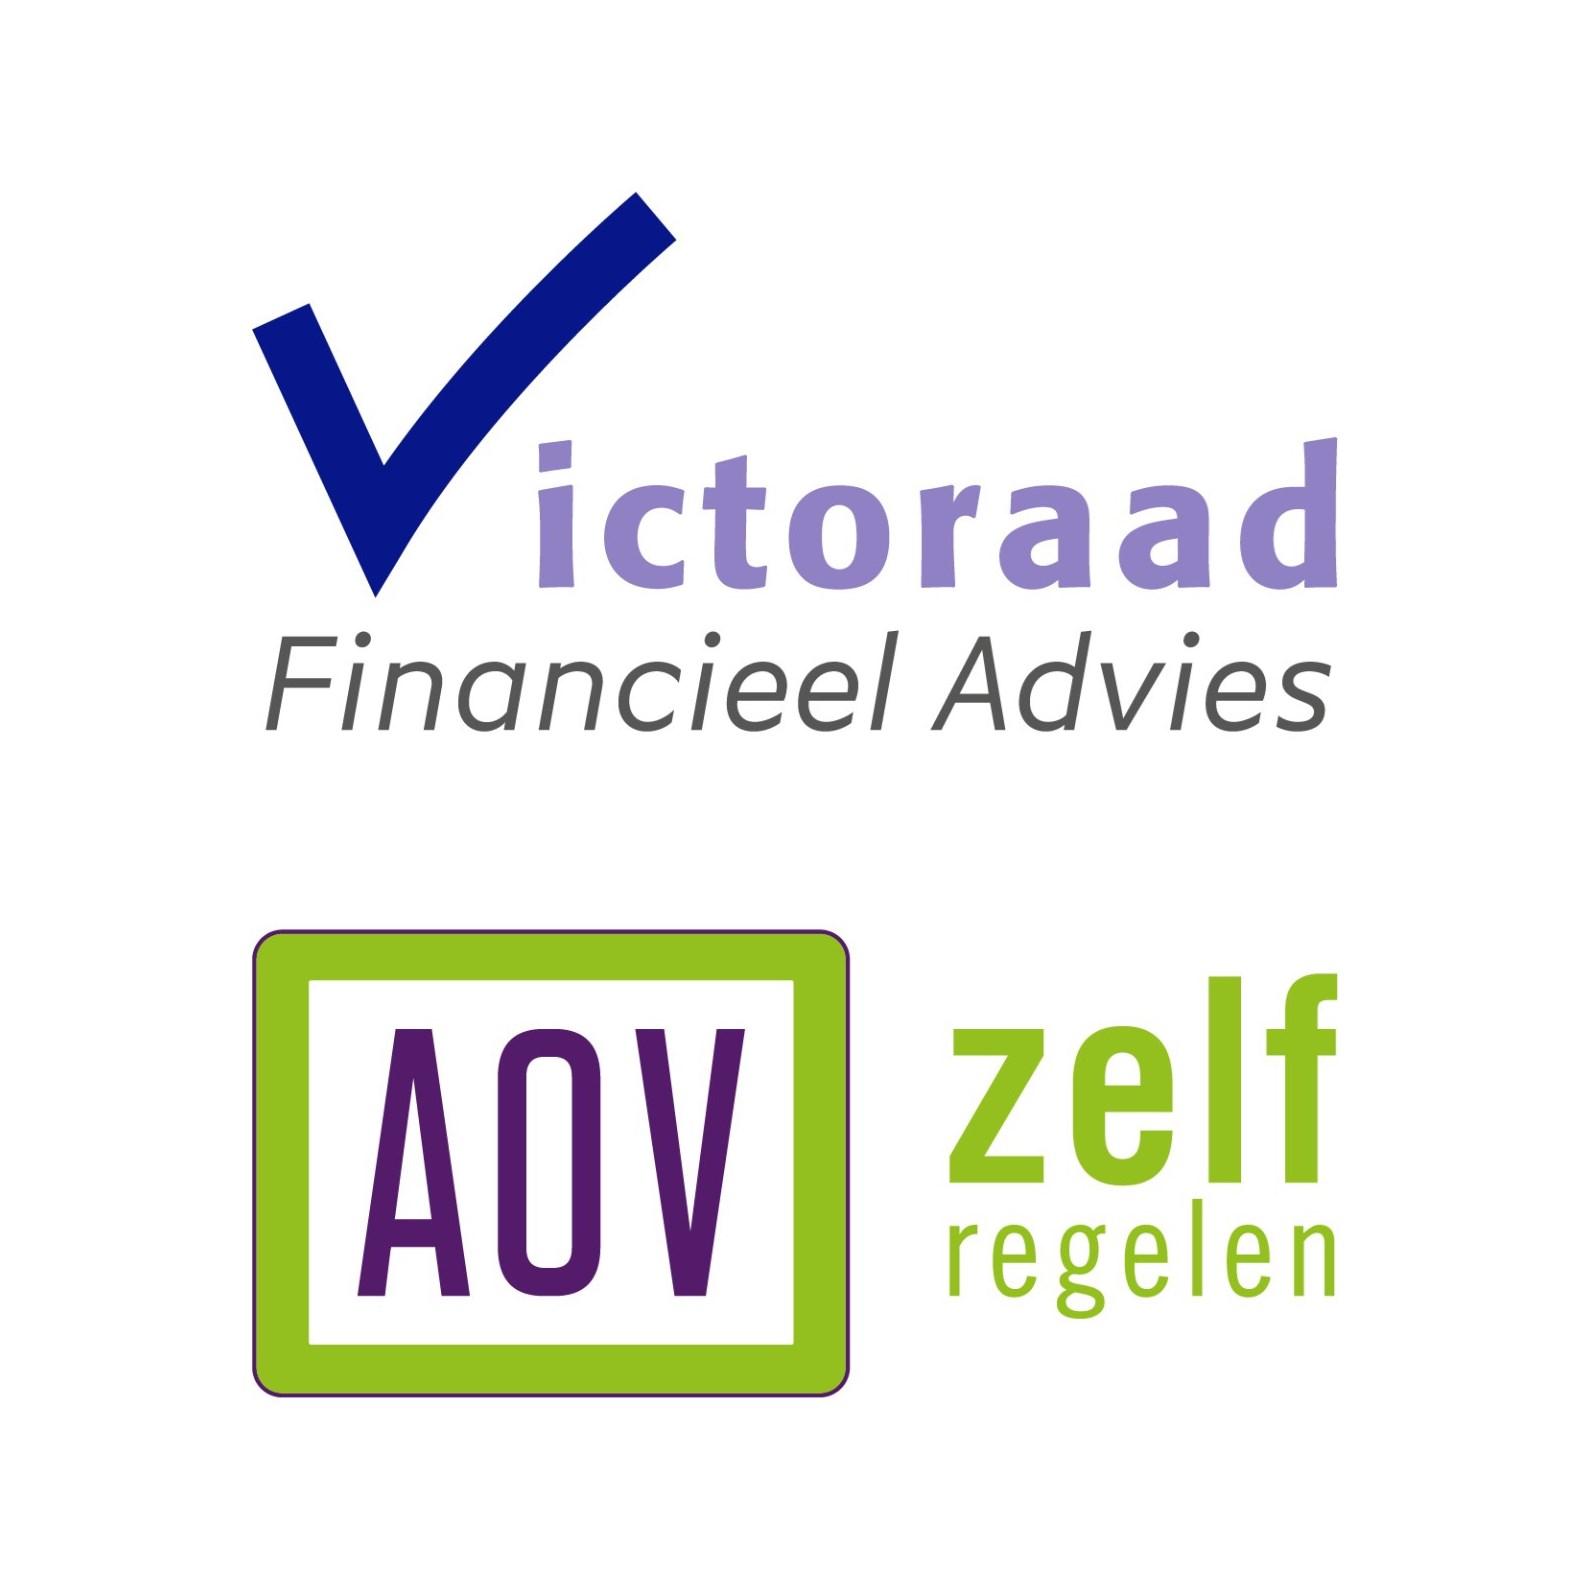 Afbeelding van Victoraad Financieel Advies